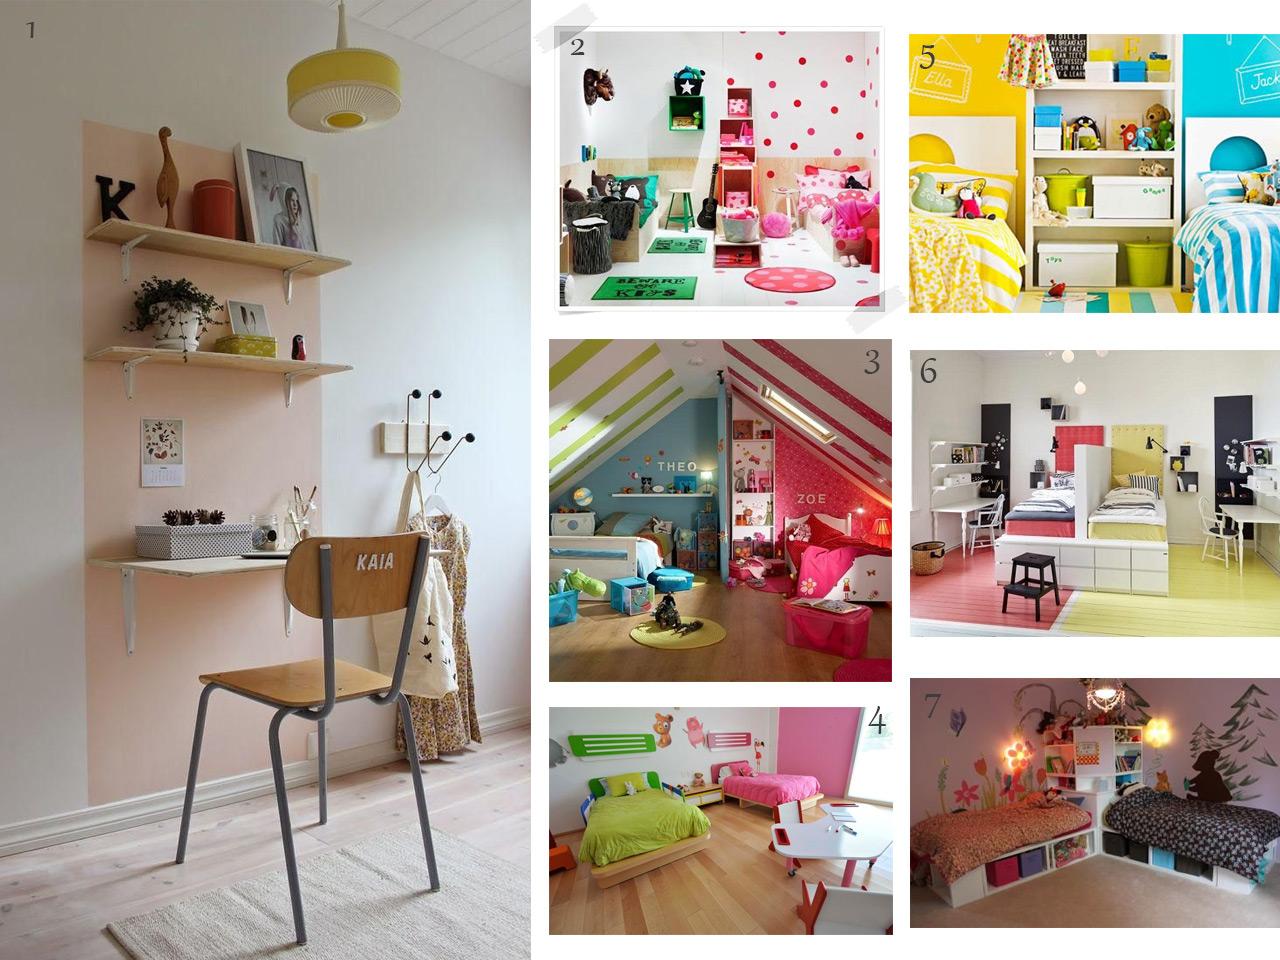 Dividir espacios abiertos con trucos decorativos Como decorar mi casa economicamente